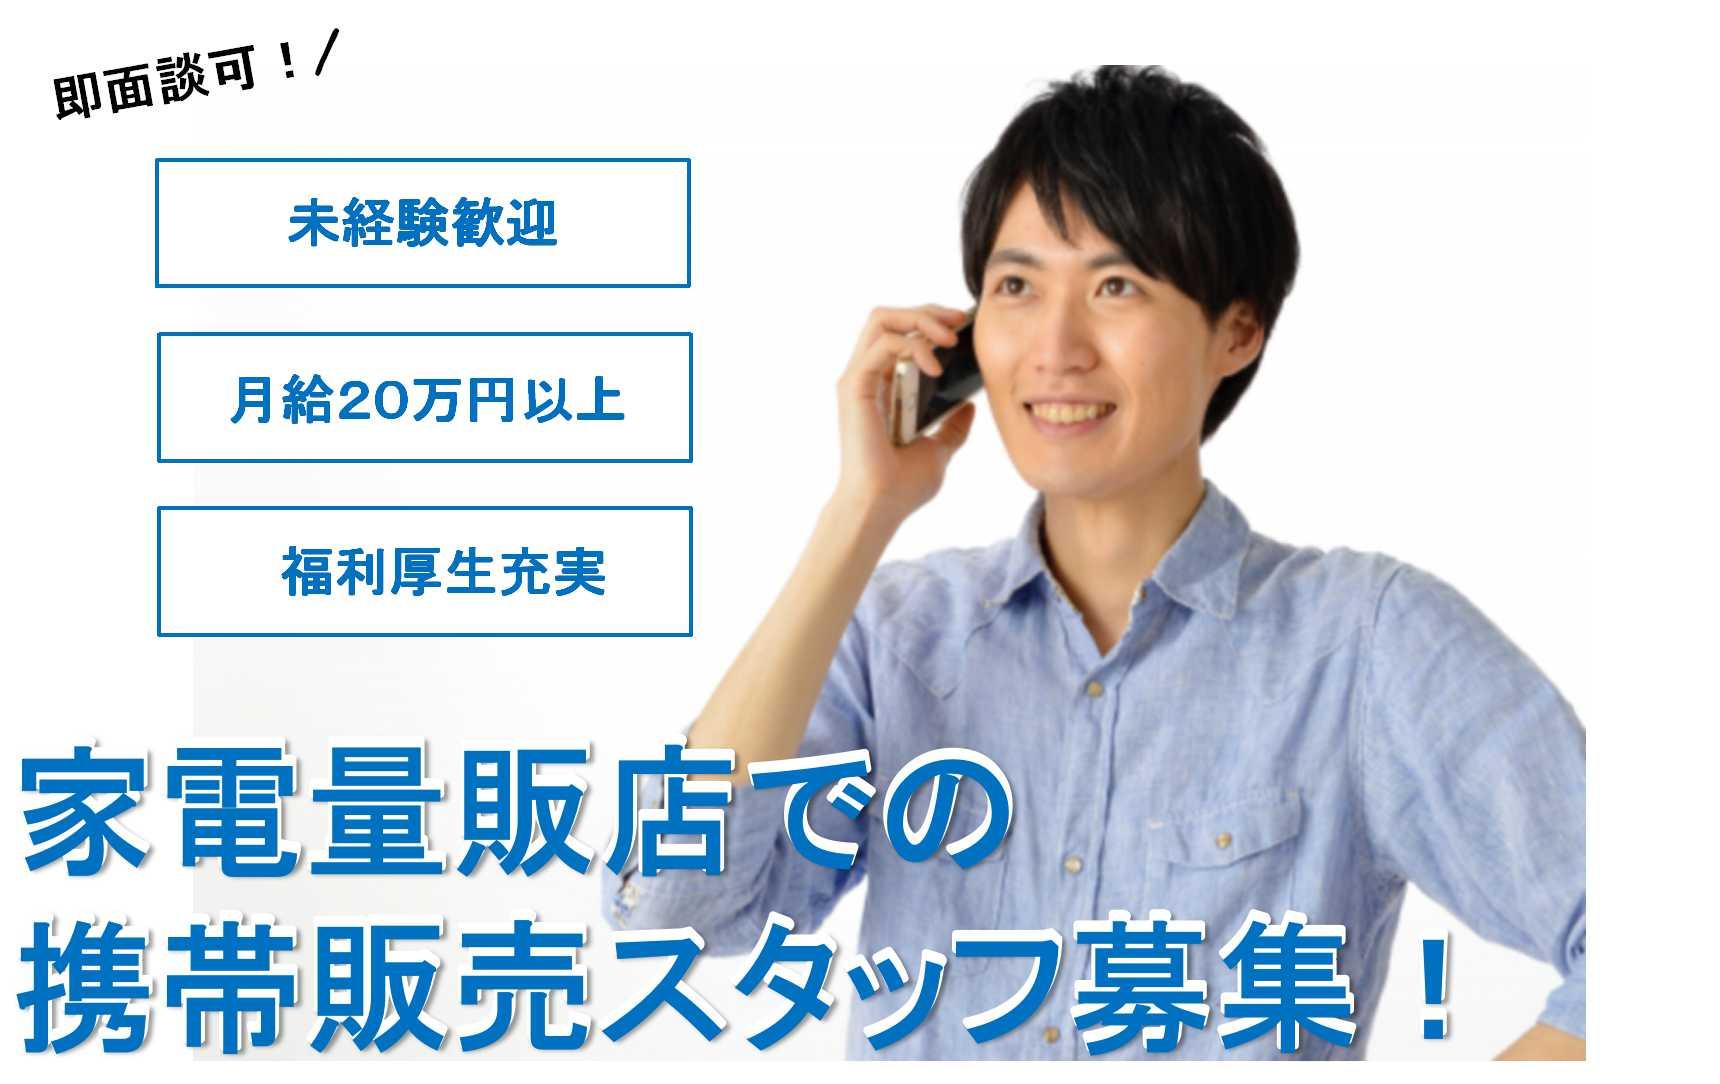 【岐阜県】携帯電話に興味がある人歓迎♪経験・学歴不問!家電量販店での携帯販売スタッフ【即面談可】 イメージ